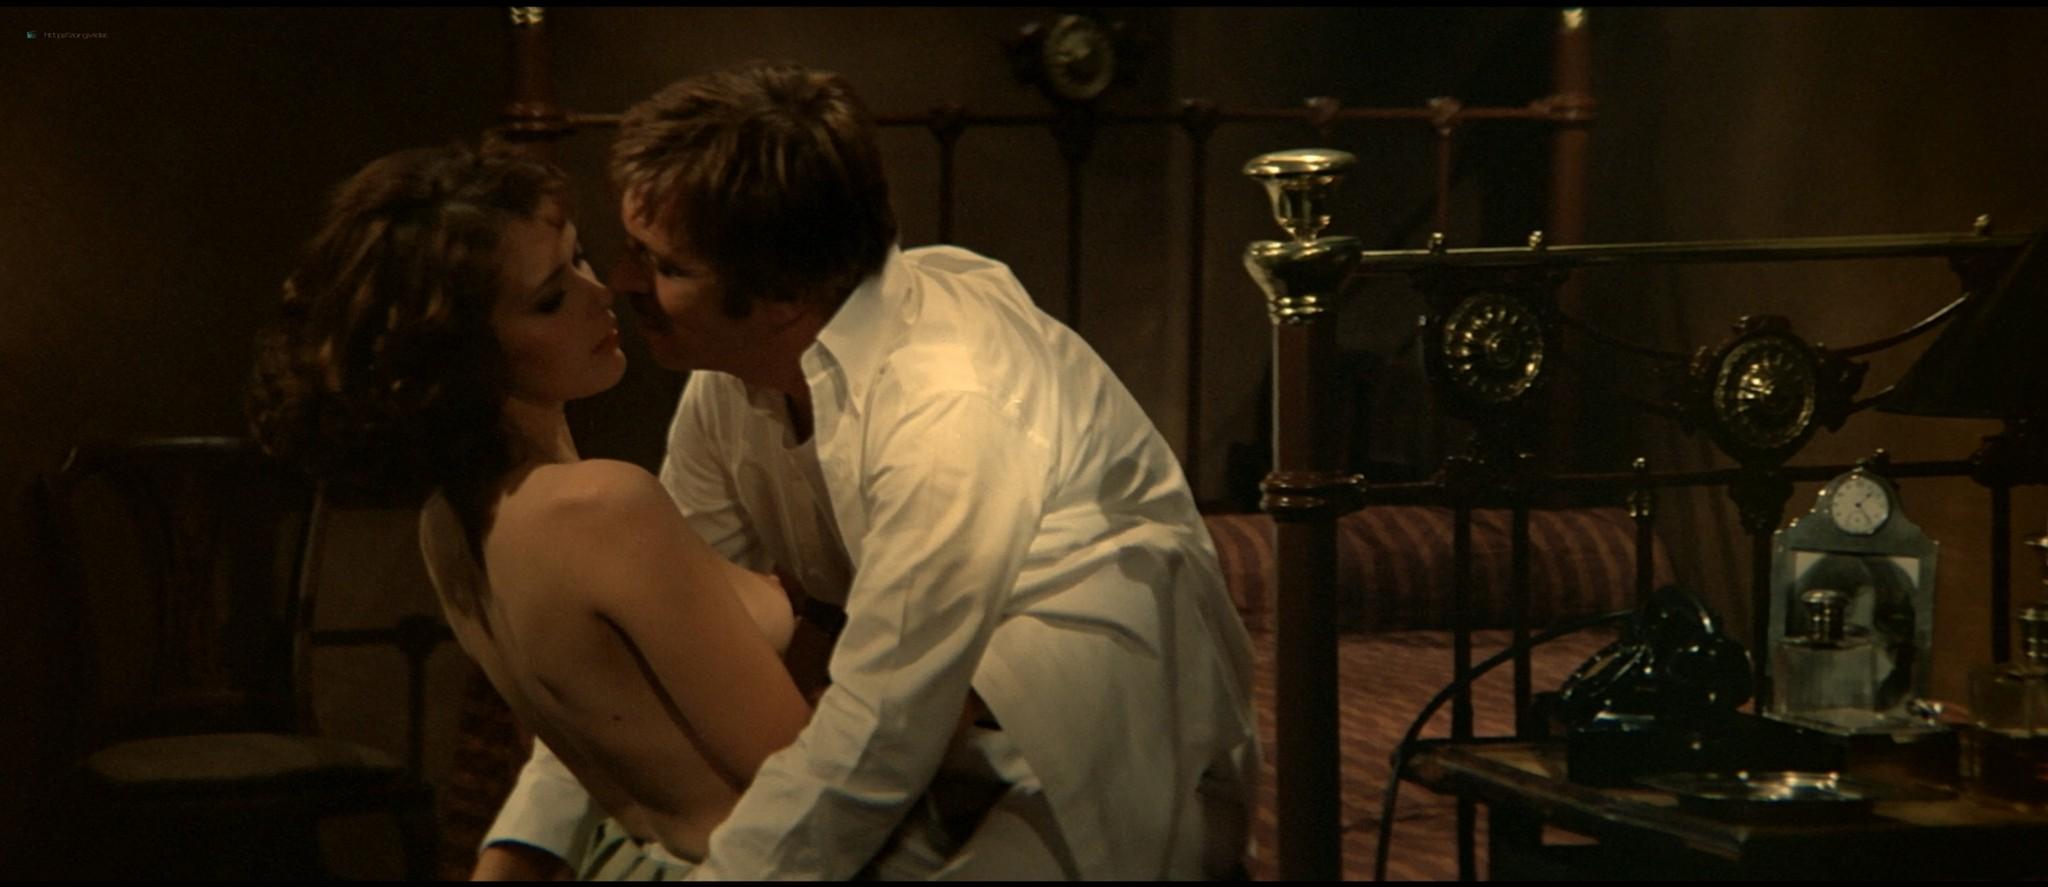 Sylvia Kristel nude sex threesome Catherine Rivet, Laura Gemser nude - Emmanuelle 2 (1975) HD 1080p REMUX (37)